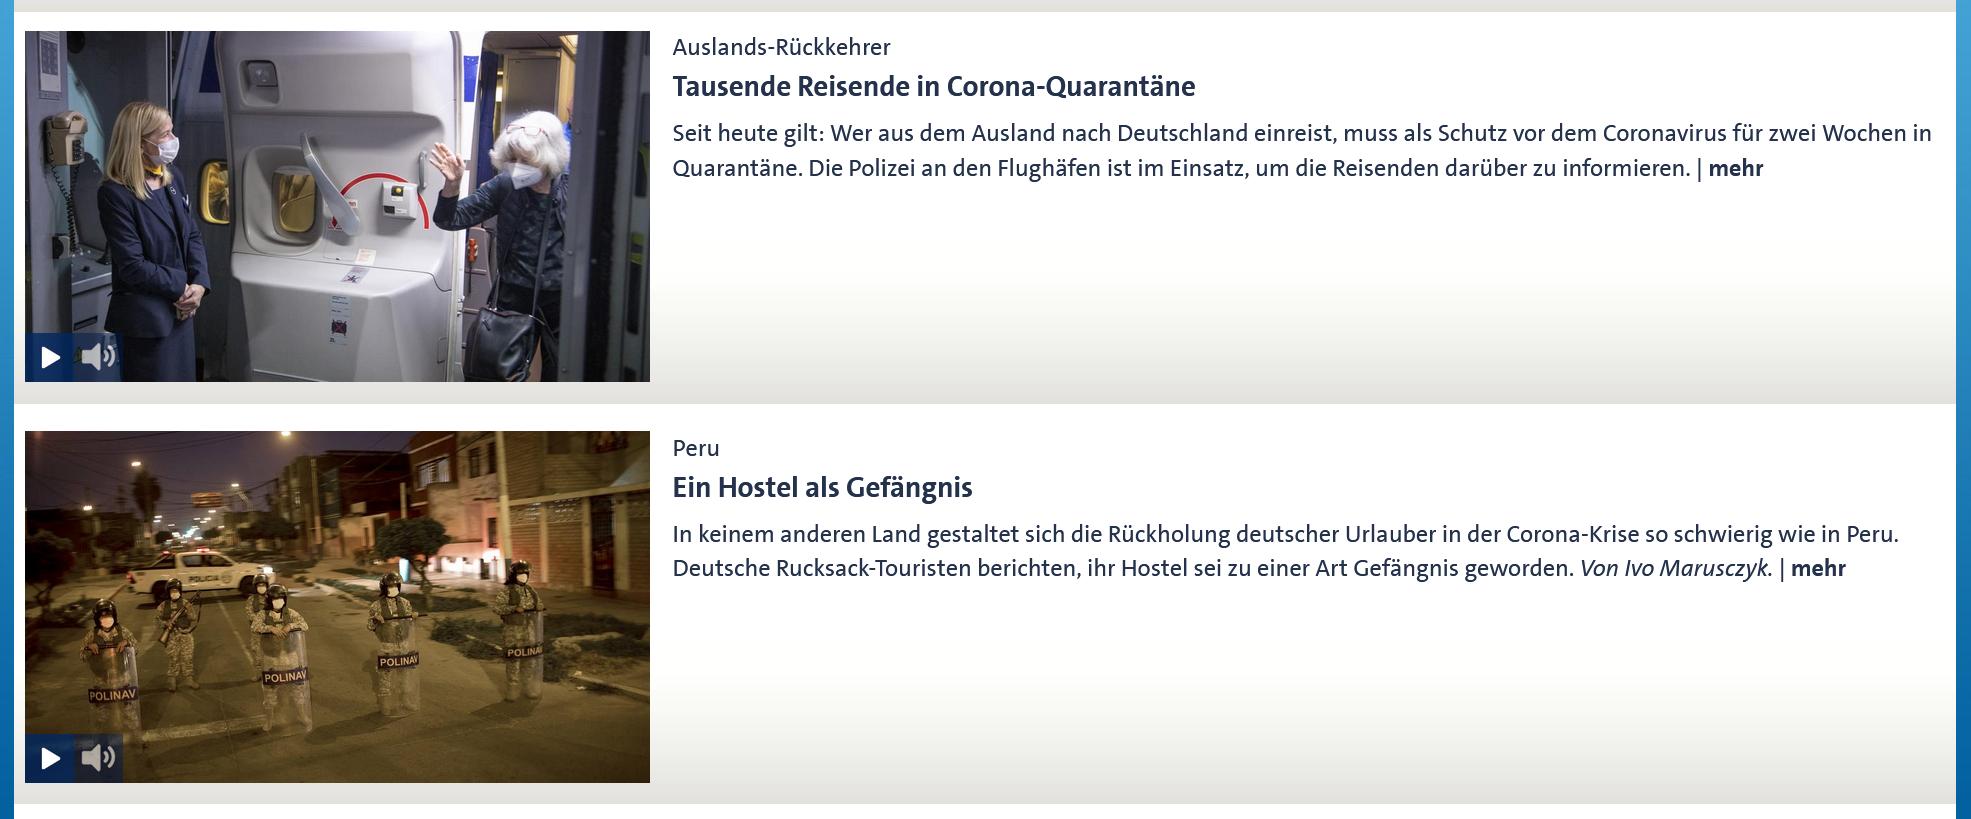 www.tagesschau.de am 10.4.2020 um 22:00